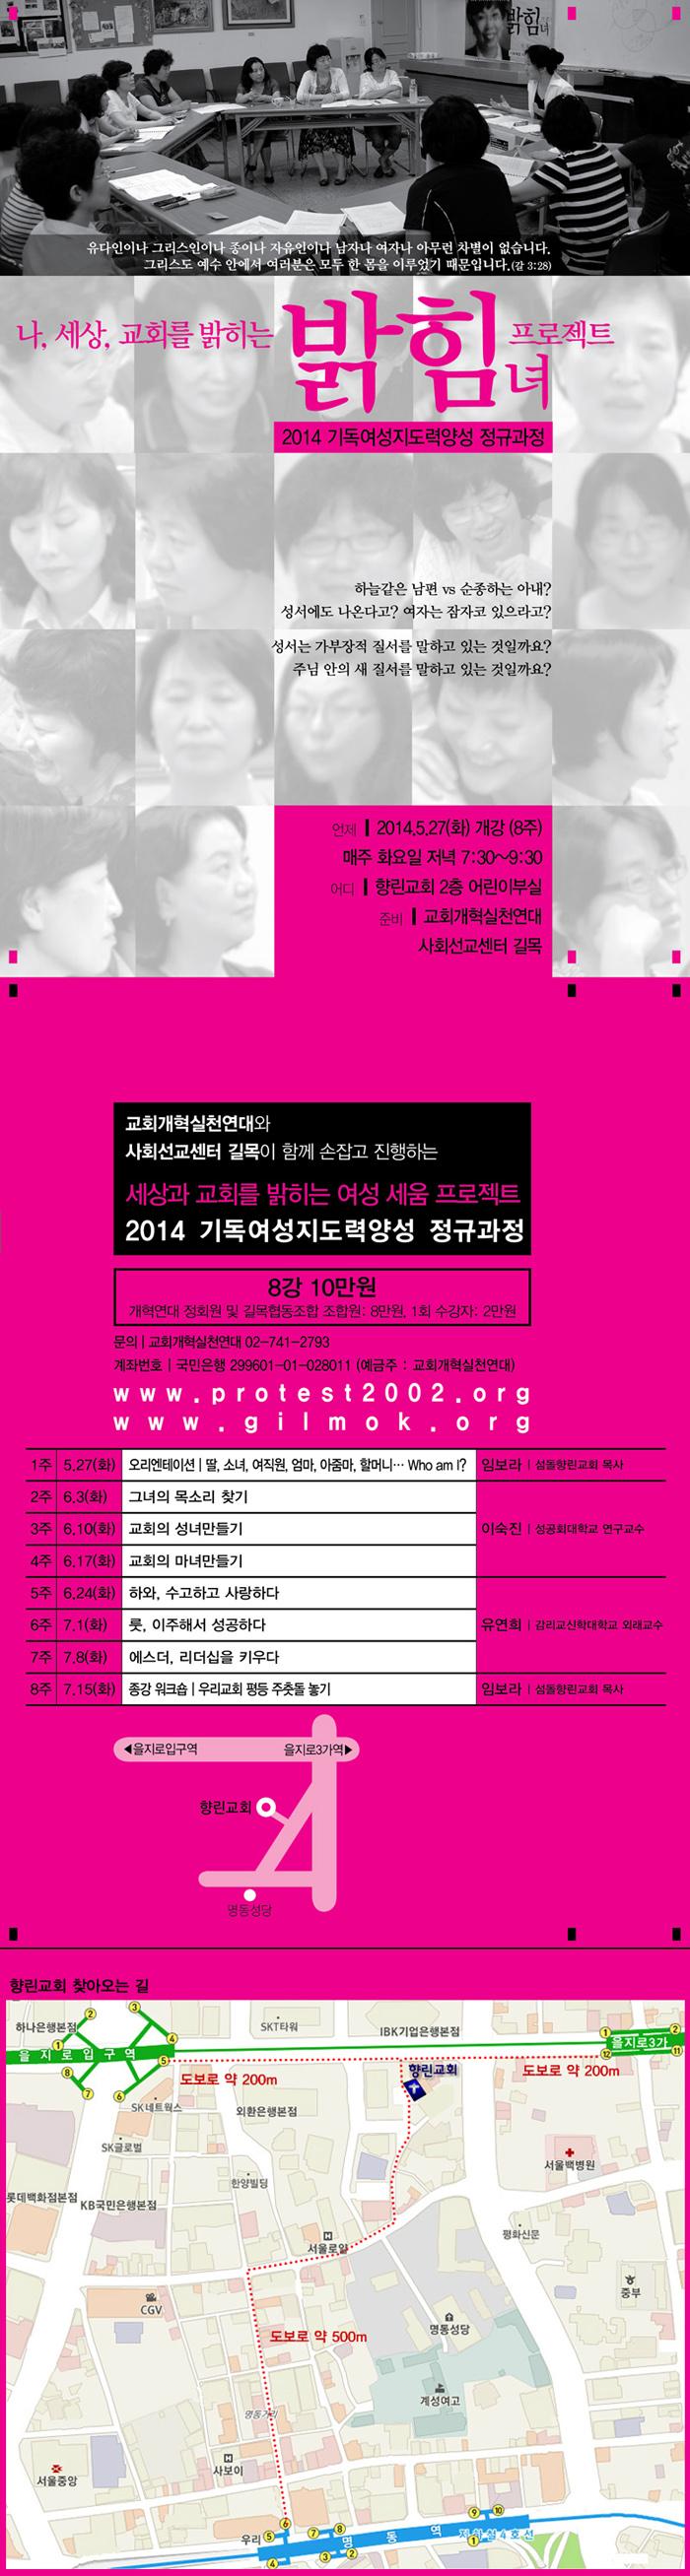 밝힘녀프로젝트2014_웹자보_700.jpg